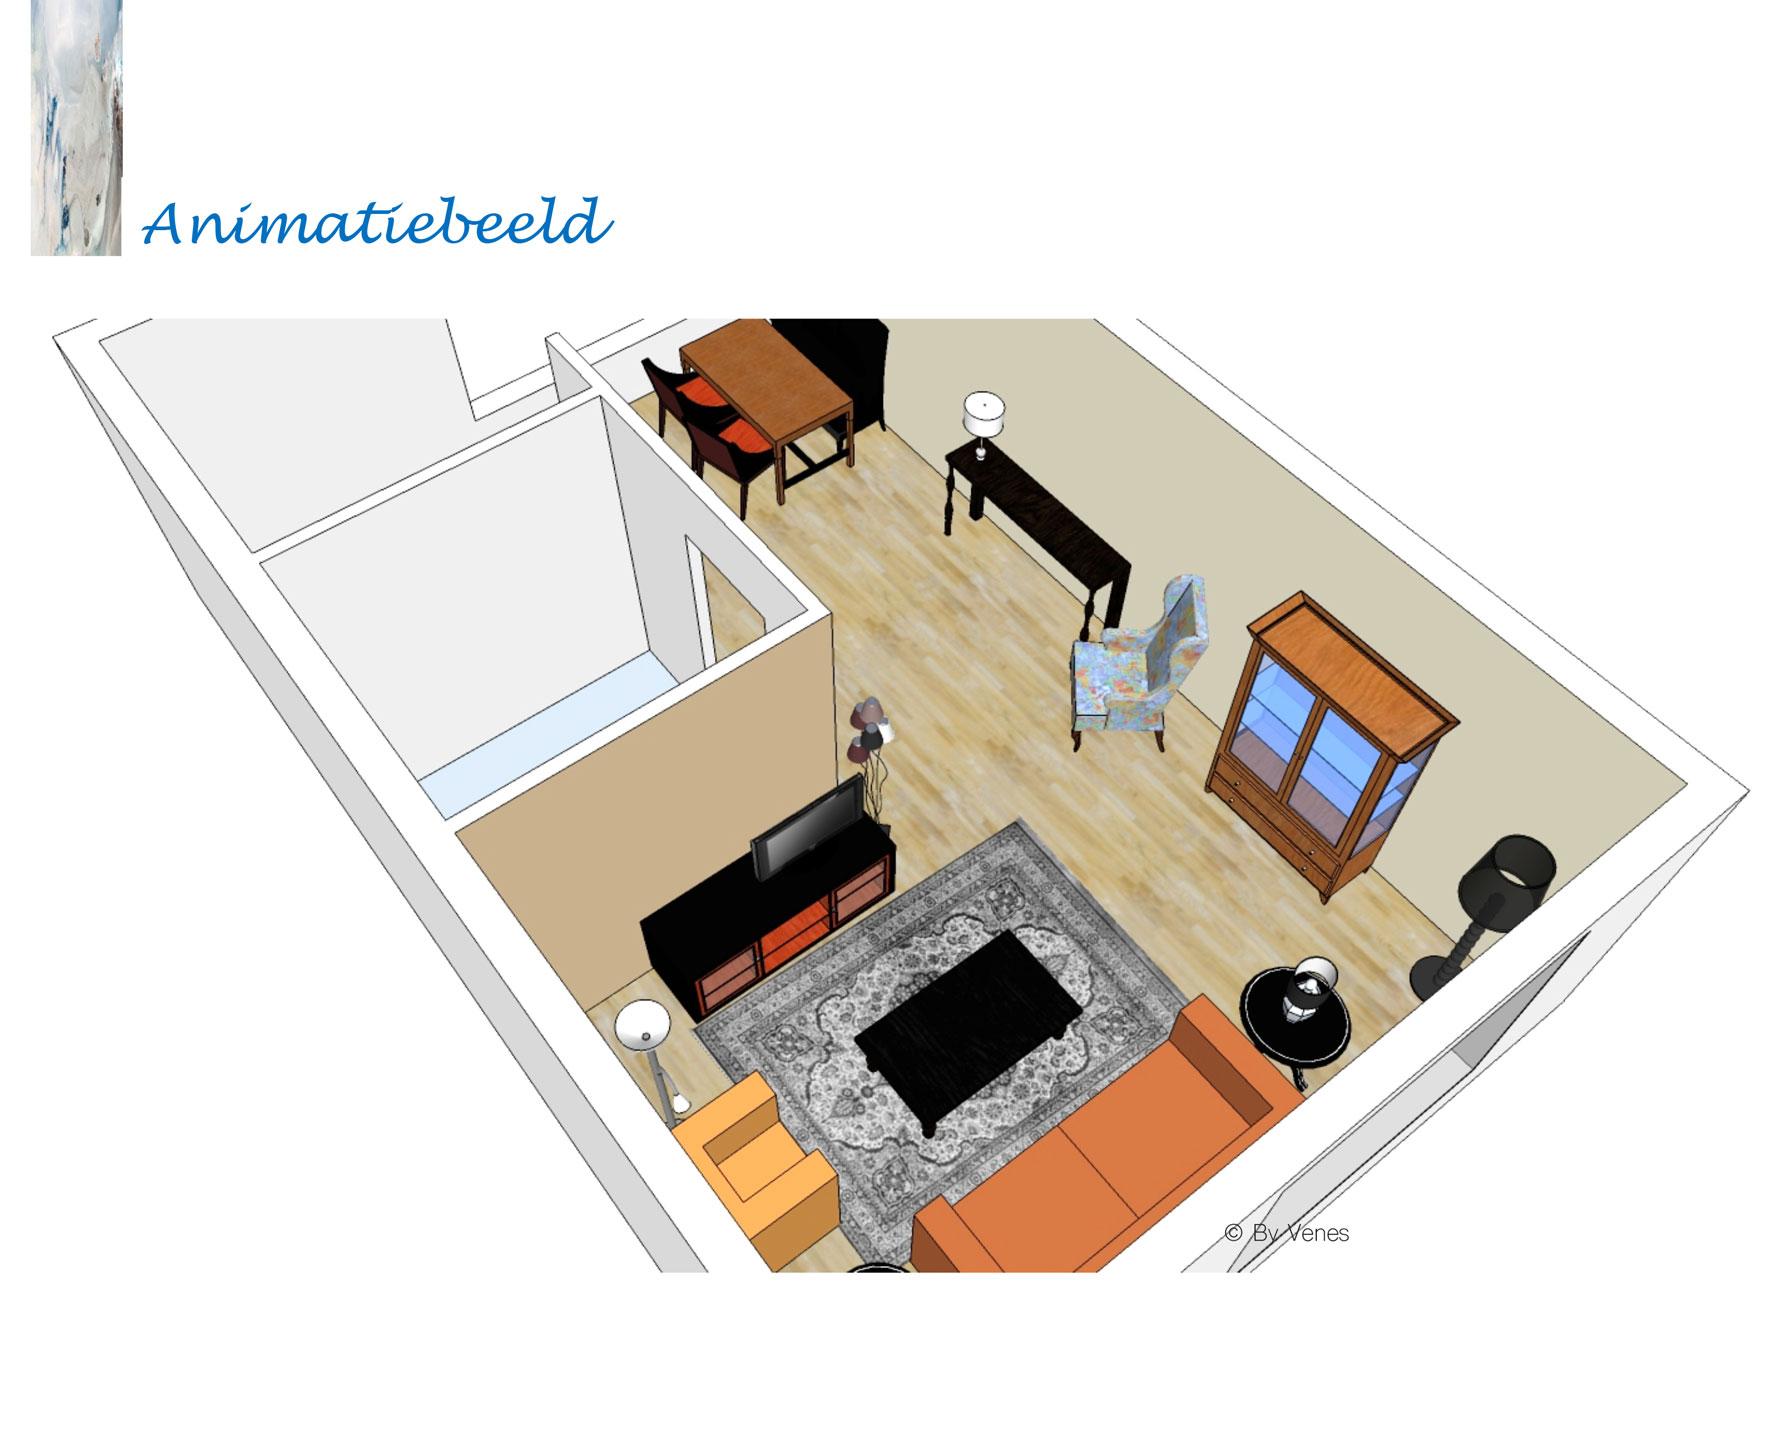 3D Animatie woonkamer interieurplan -By Venes